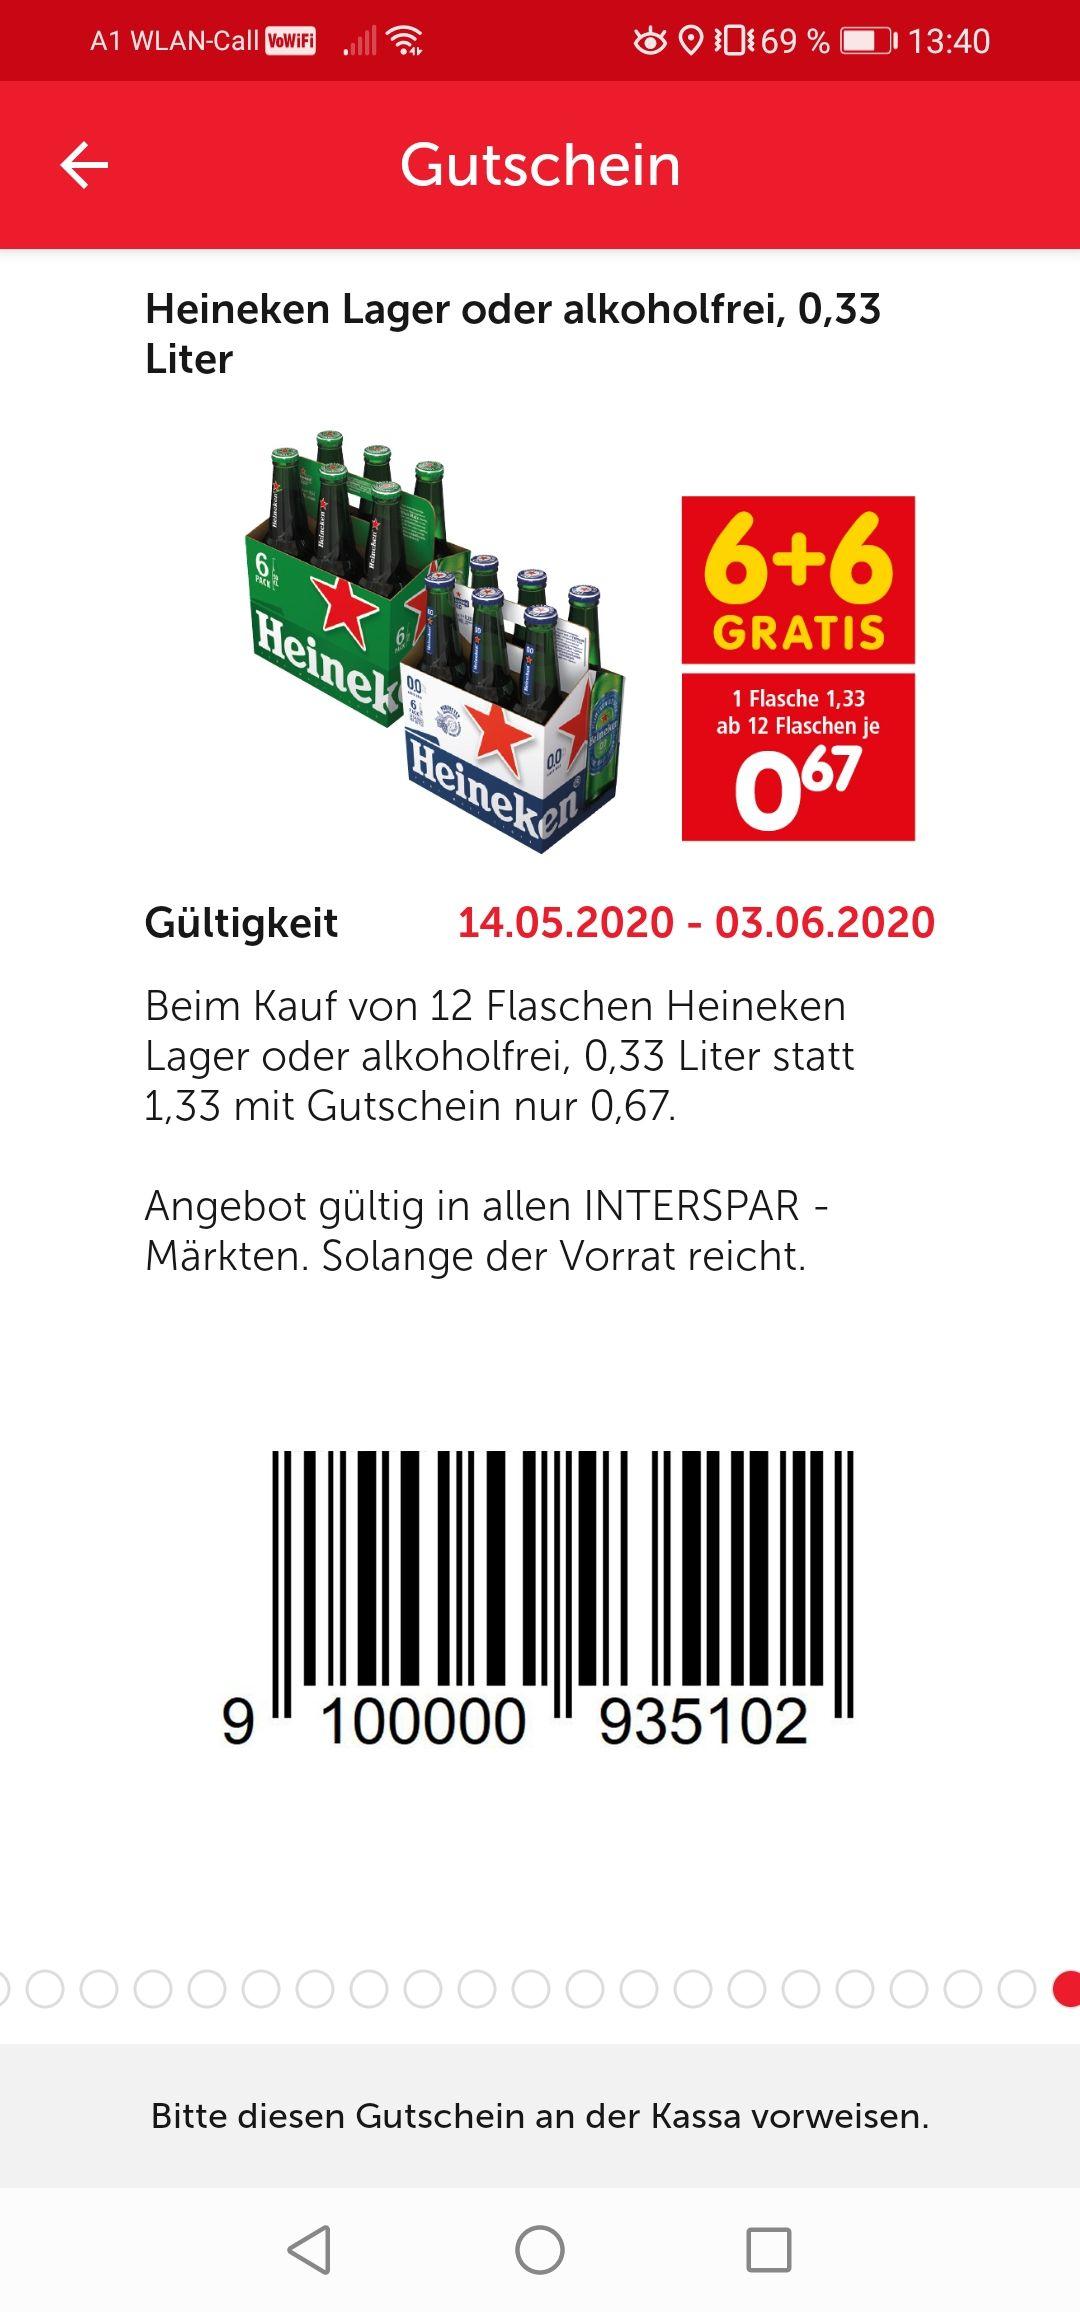 Heineken Lager oder Alkoholfrei 0.33l 6+6 Gratis (Interspar)